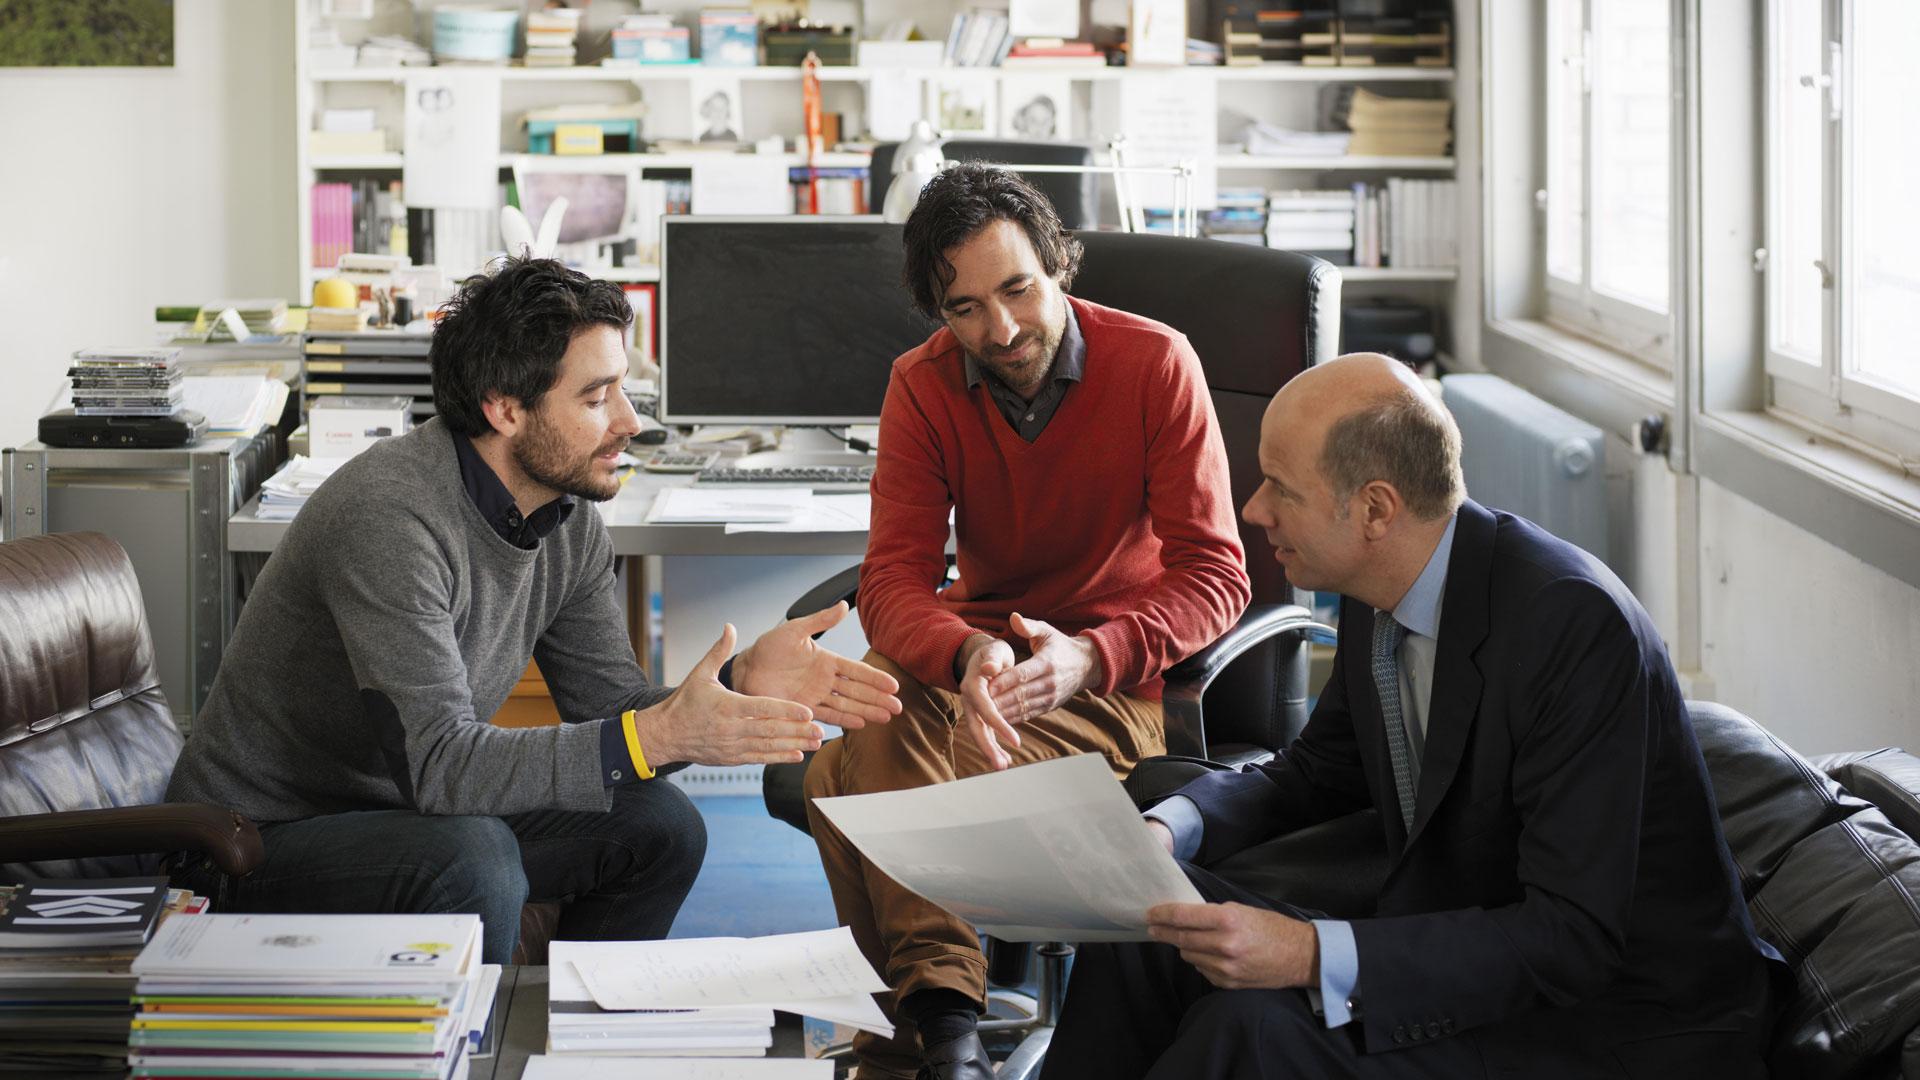 Atelier für Sonderaufgaben. Frank und Patrick Riklinks mit Dr. Hans-Dietrich Reckhaus